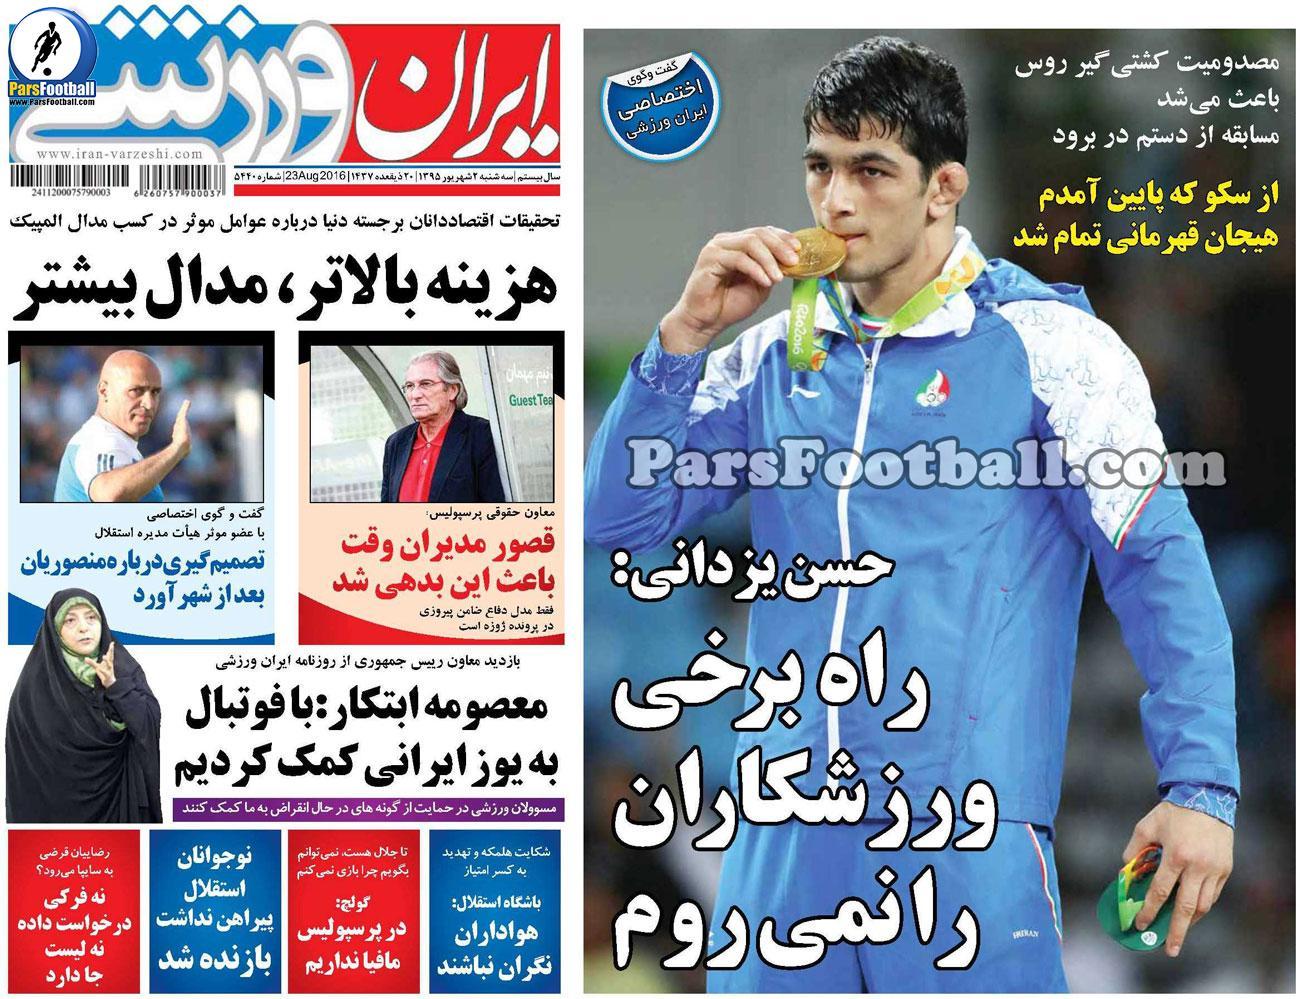 روزنامه ایران ورزشی سه شنبه 2 شهریور 95